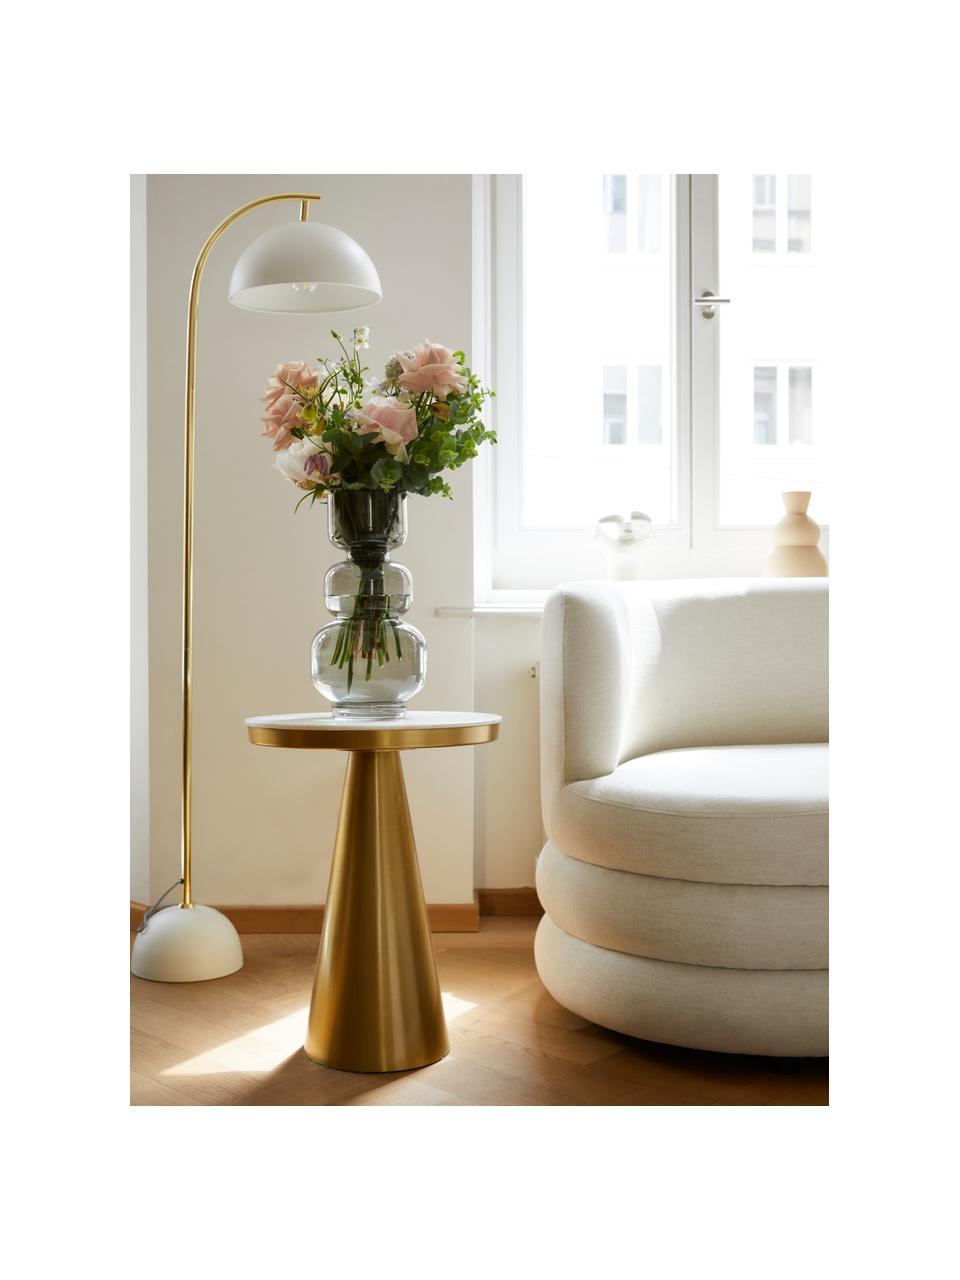 Table d'appoint ronde art déco Zelda, Marbre blanc-gris, couleur dorée